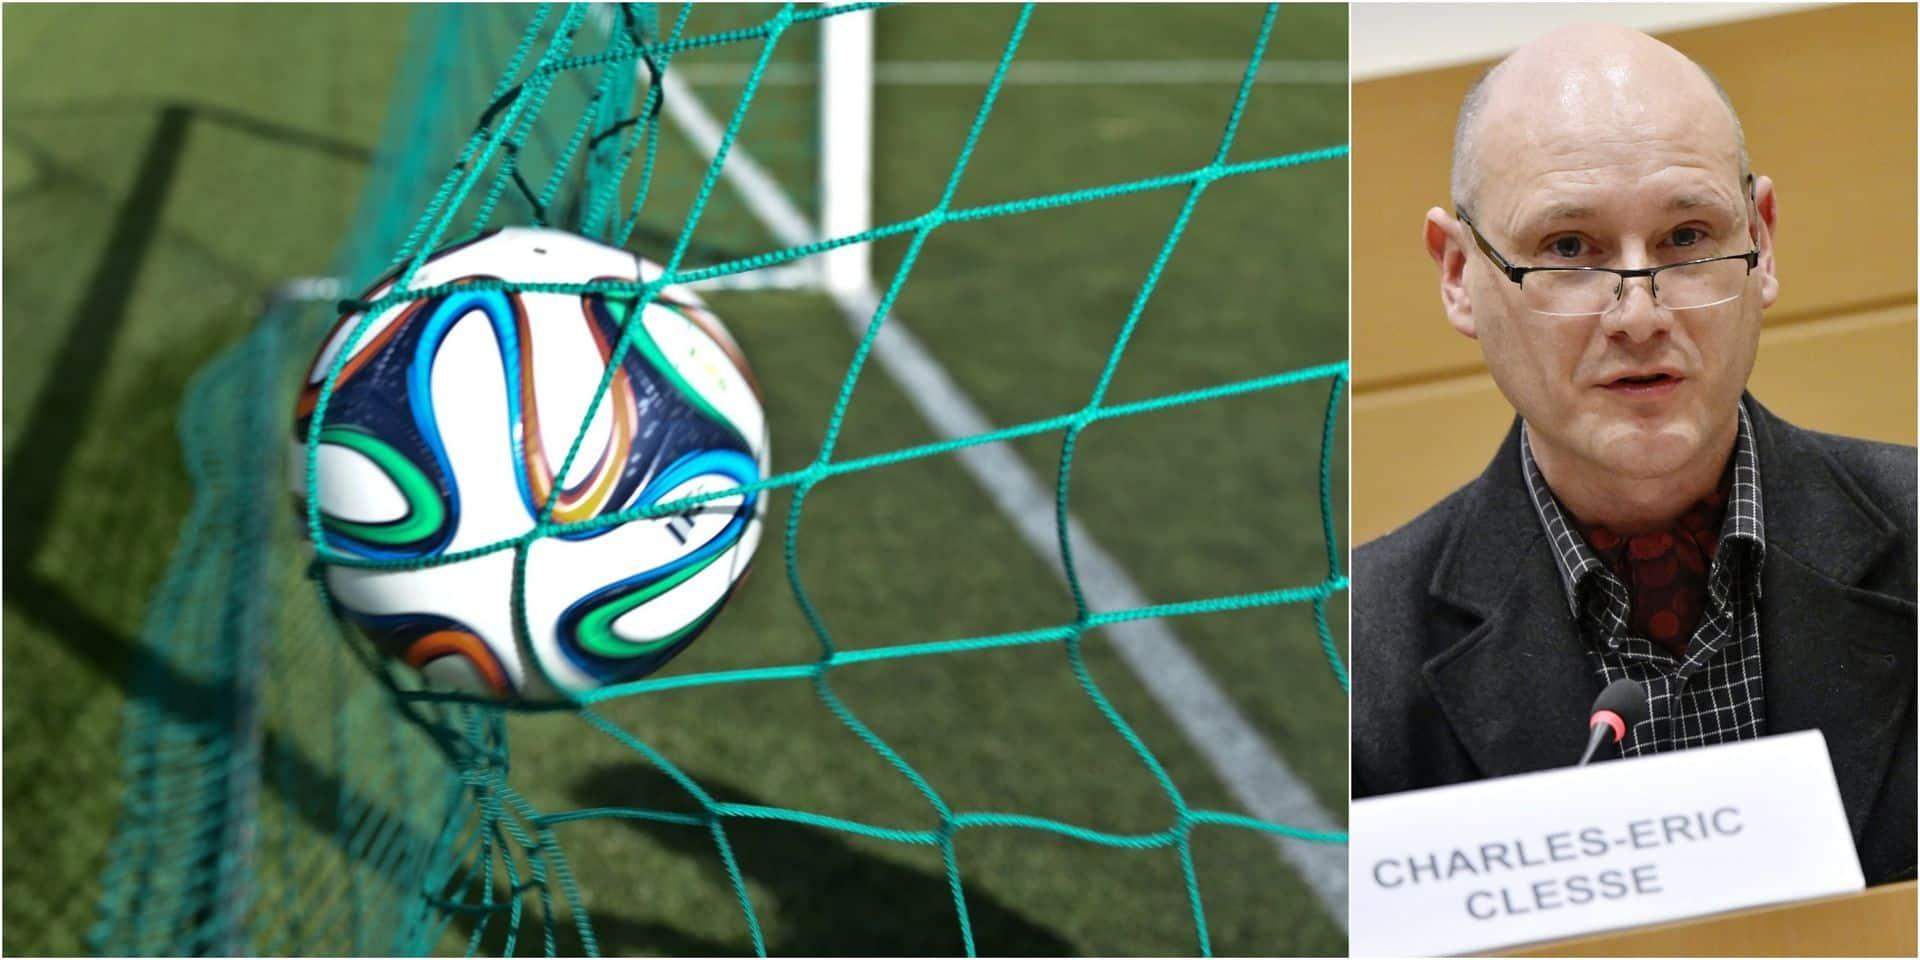 """Charles-Eric Clesse veut contrer les dessous du football amateur: """"Beaucoup payent sous la table"""""""